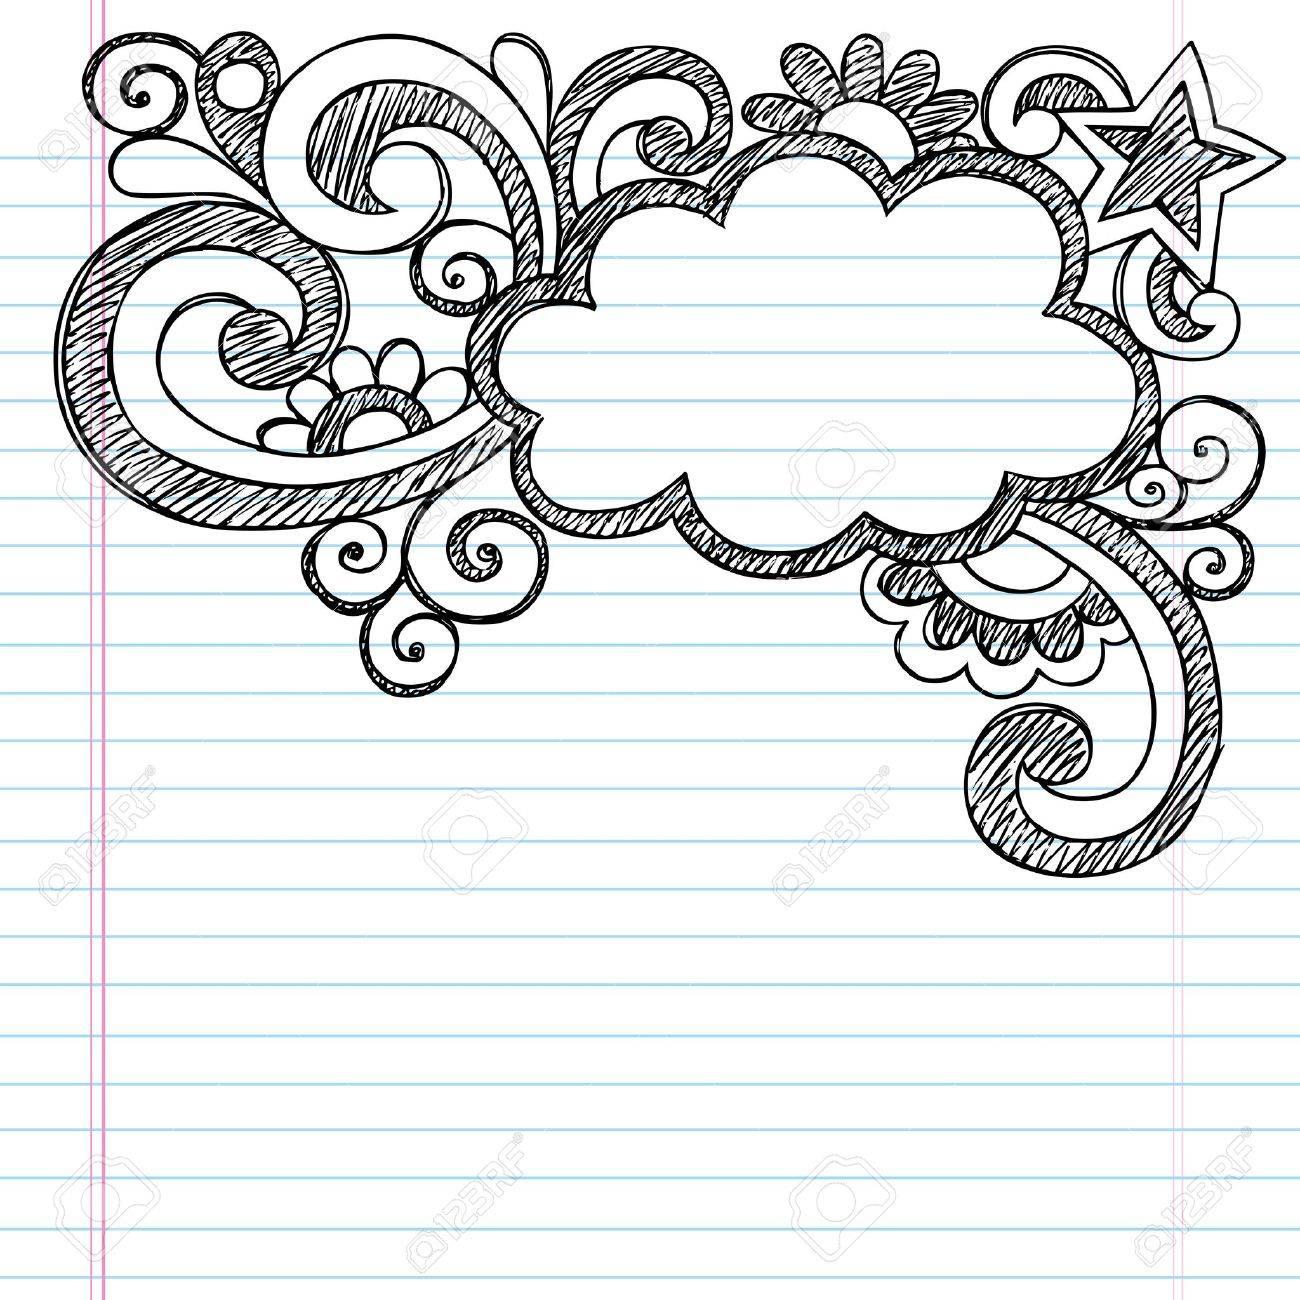 Cloud Frame Border Back to School Sketchy Notebook Doodles- Vector Illustration Design on Lined Sketchbook Paper Background Stock Vector - 16693239